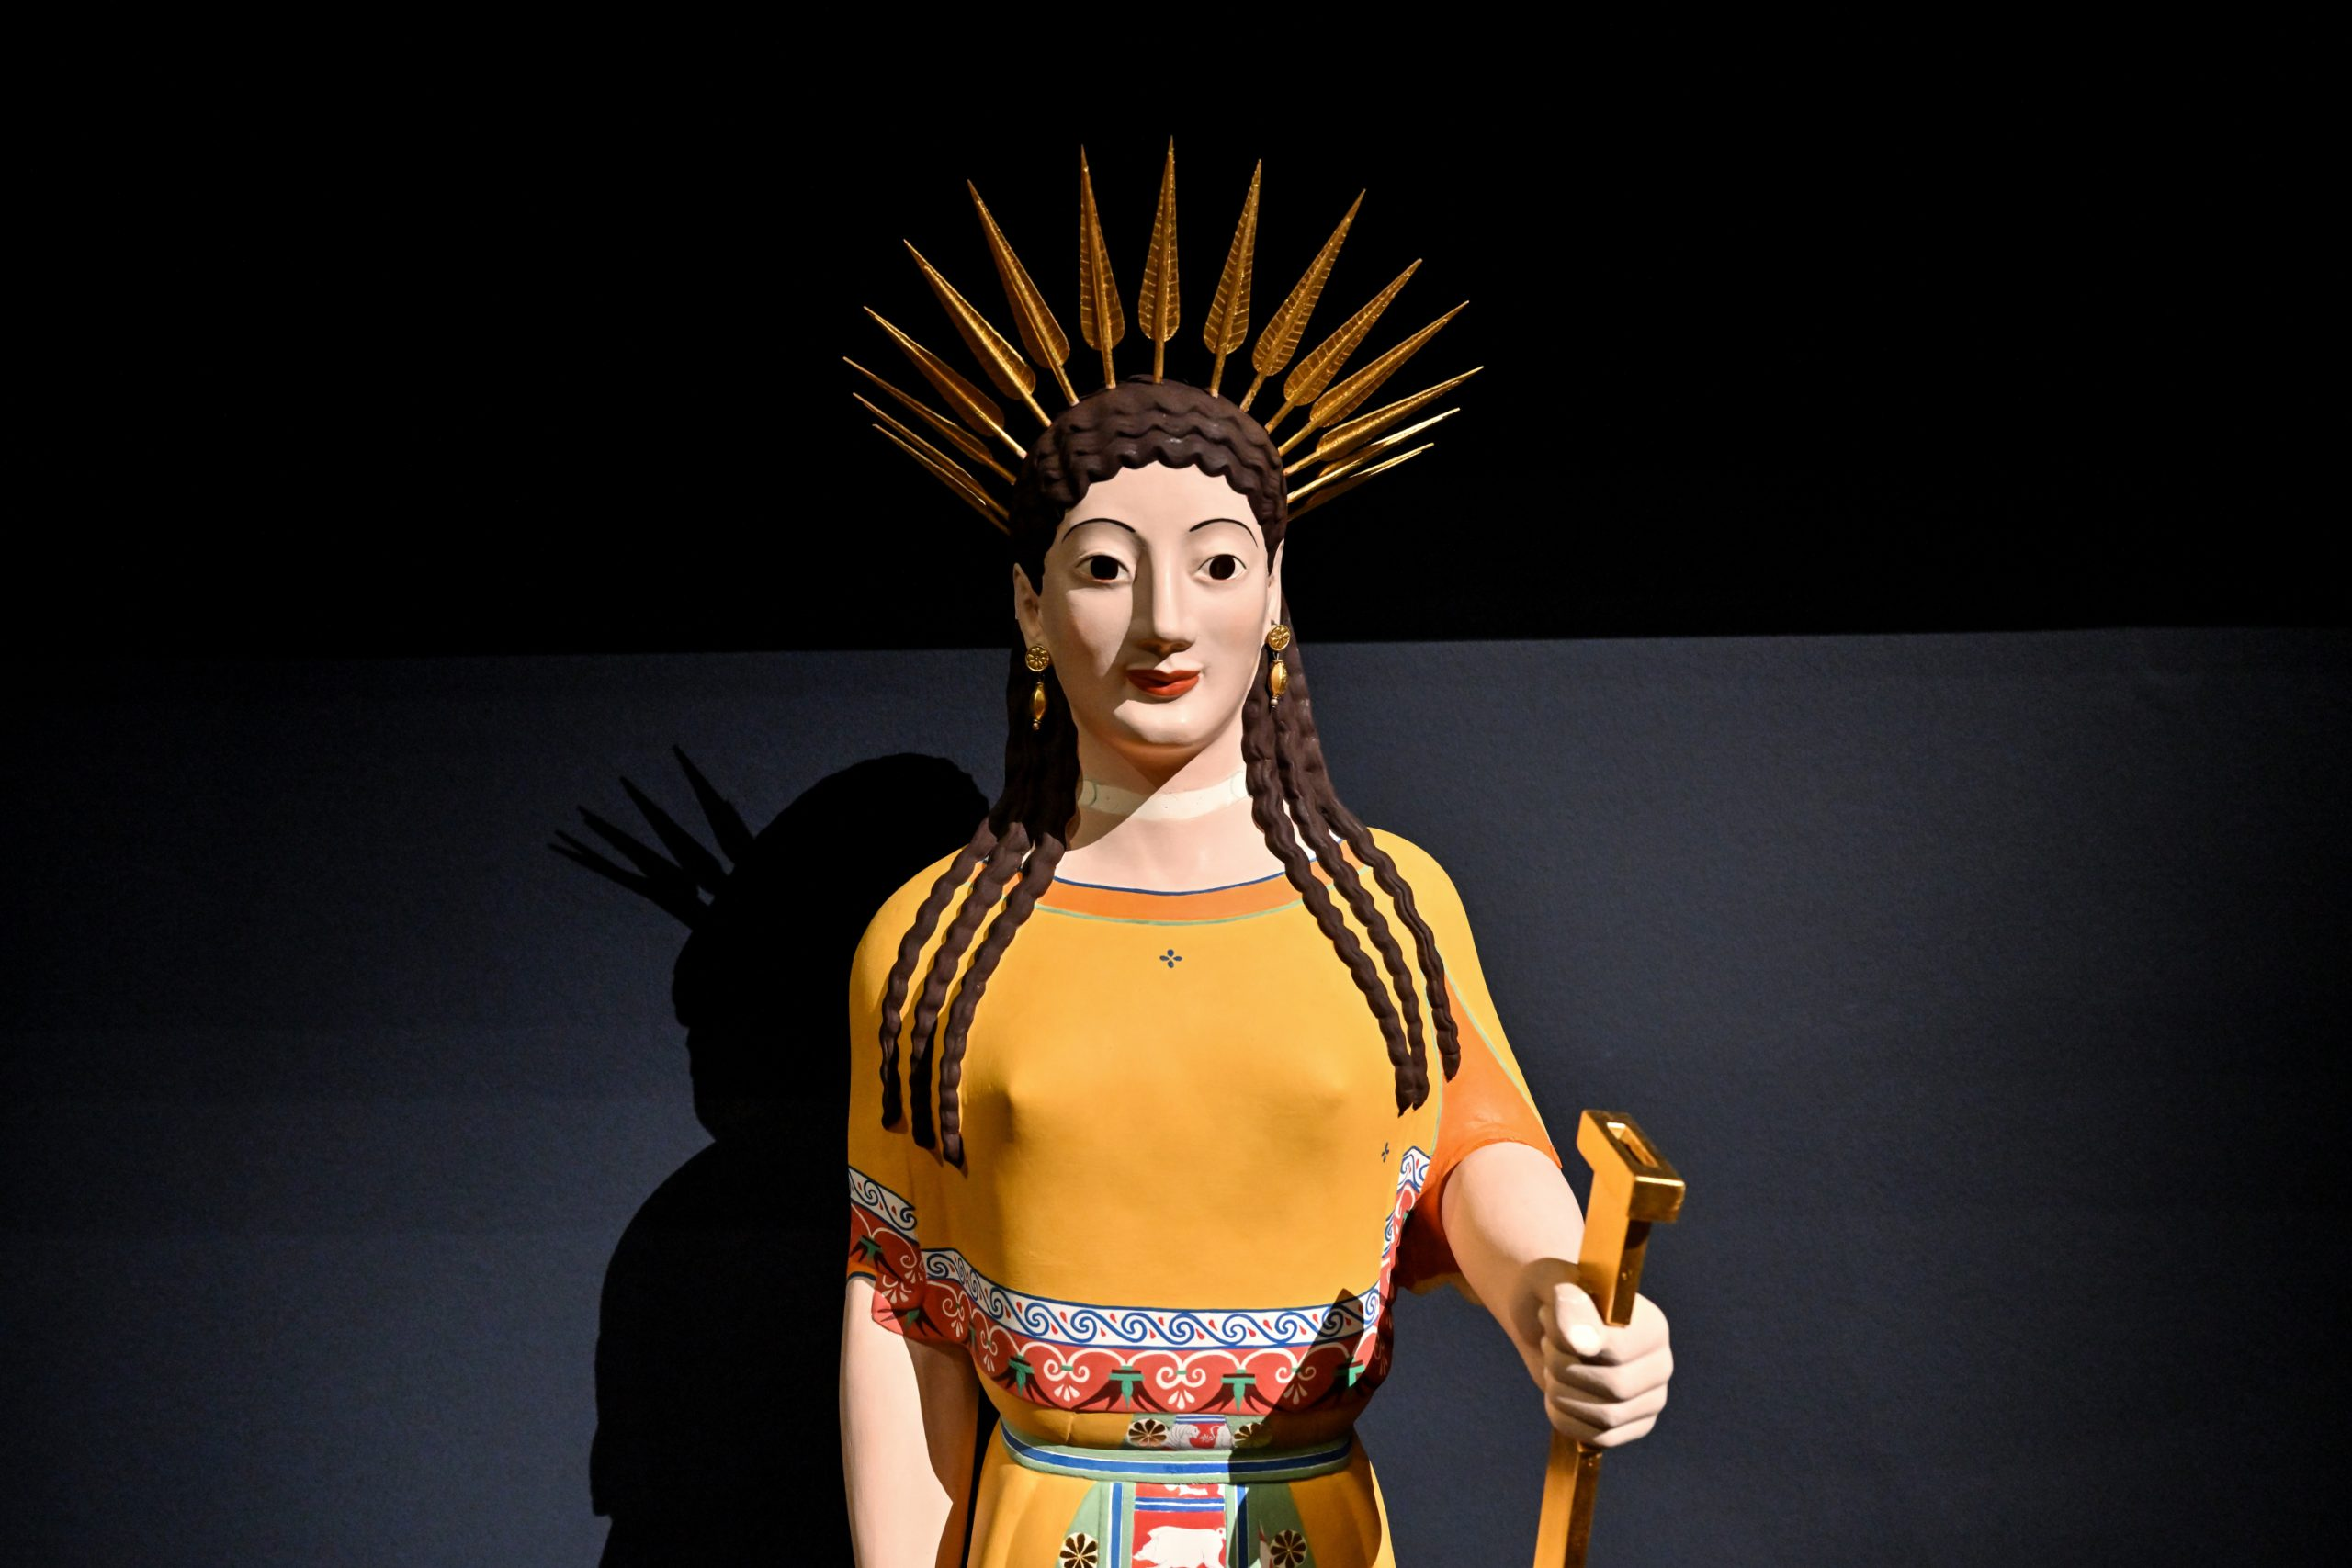 Peploskore von der Akropolis in Athen (Darstellung der Göttin Artemis).